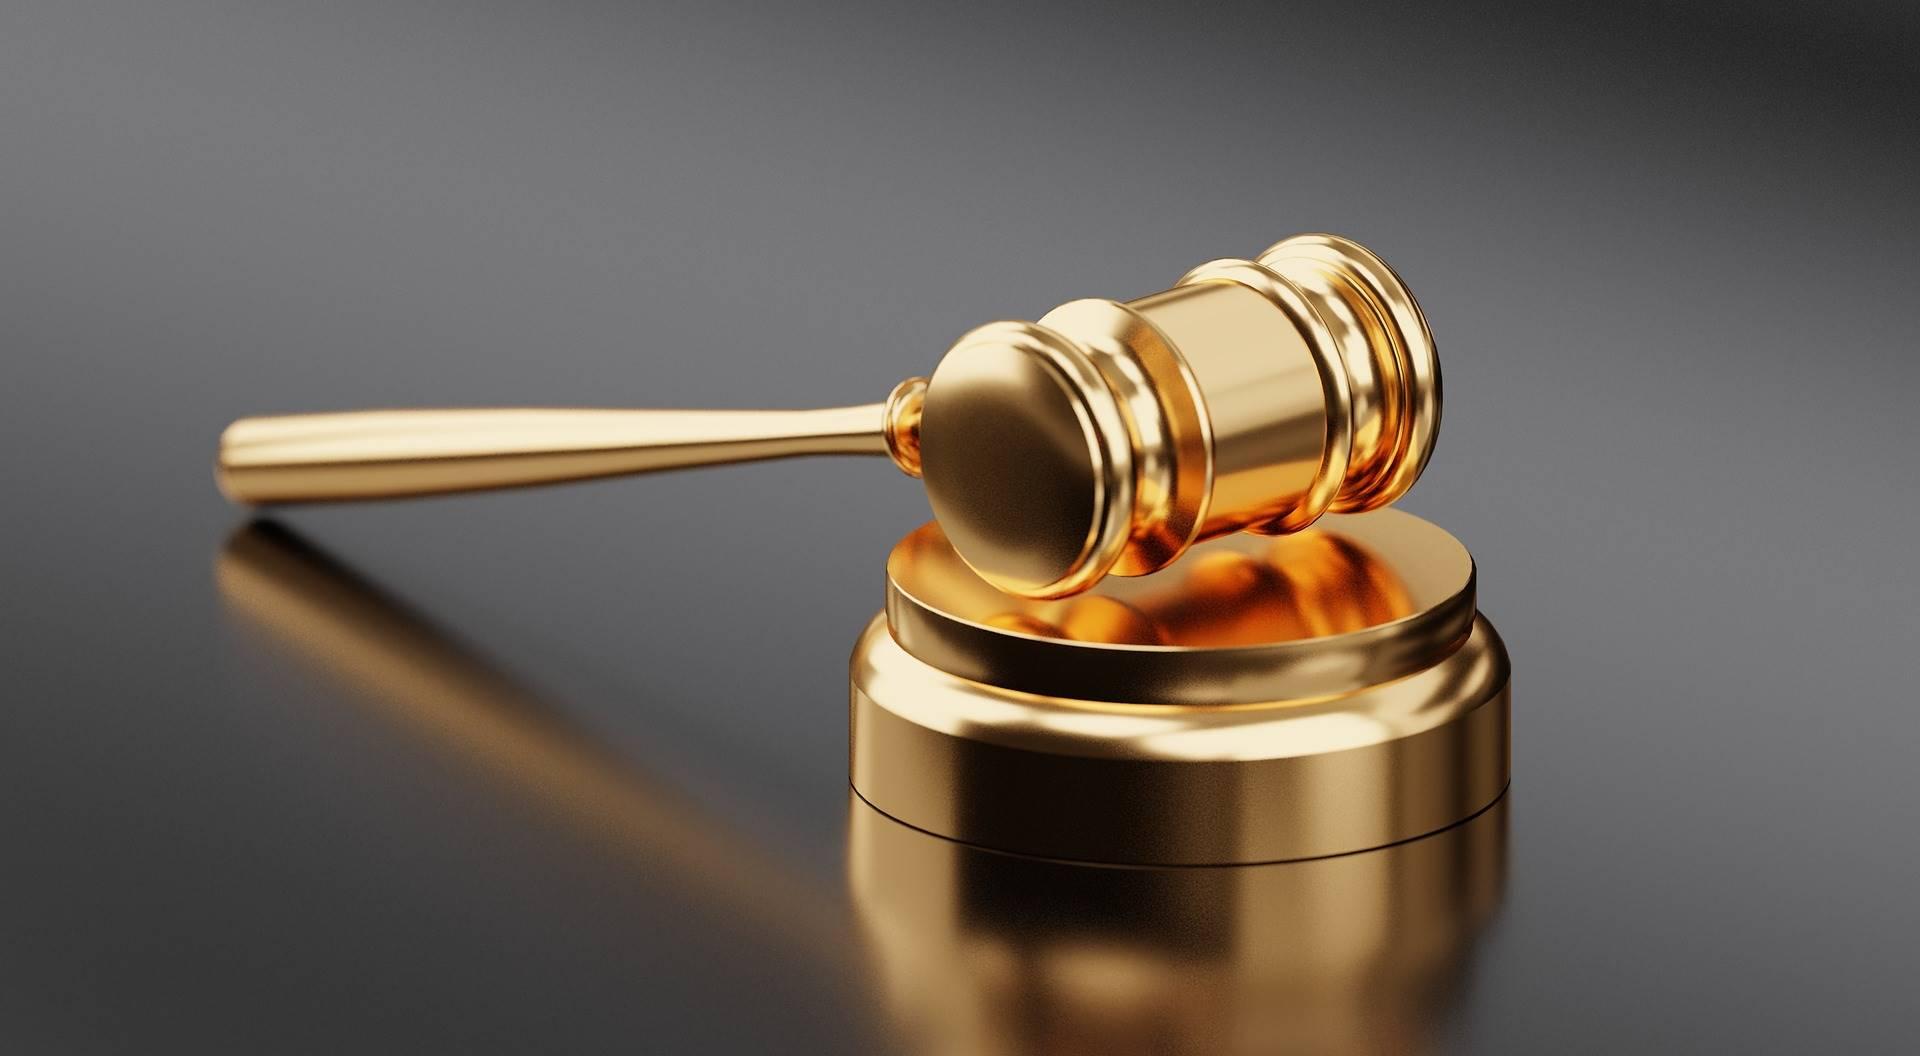 Hogere straffen voor betaalapp fraude